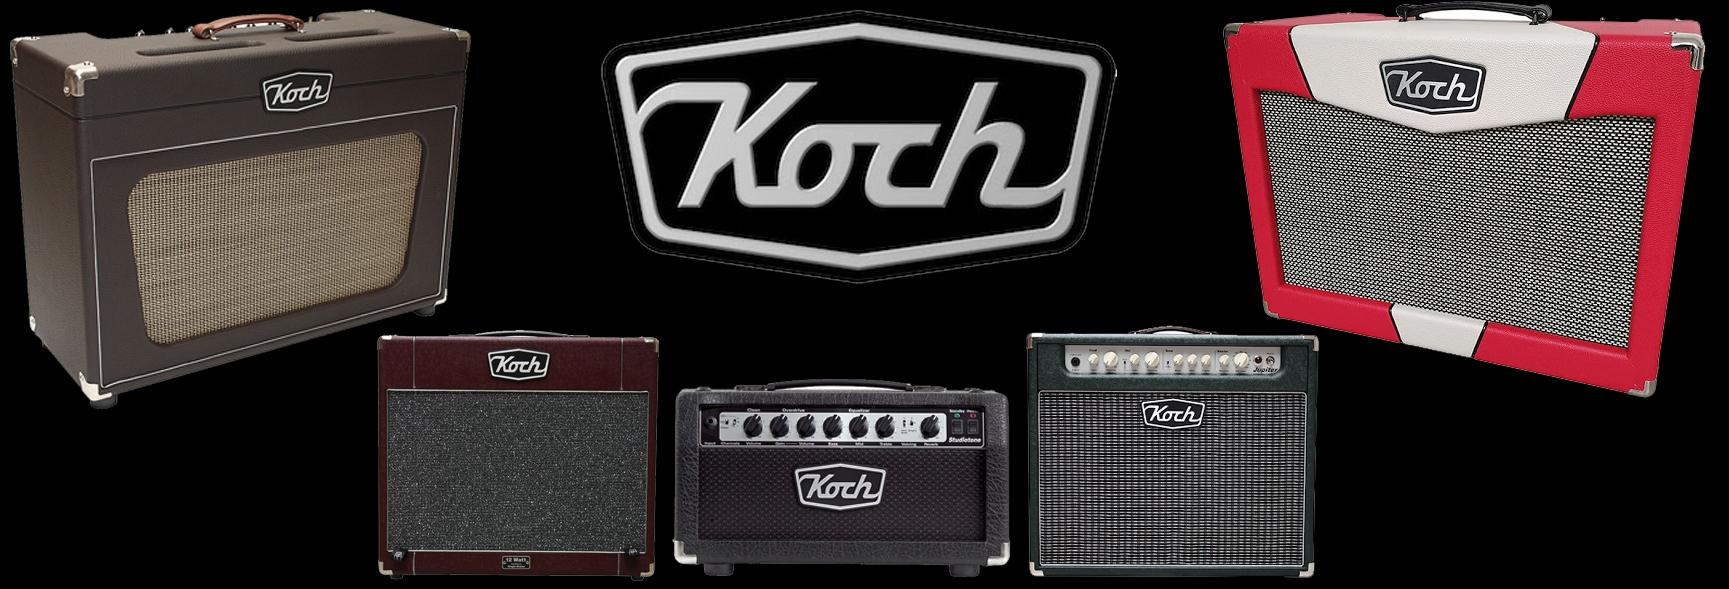 Clicca per vedere tutti i modelli e disponibilità del marchio KOCH